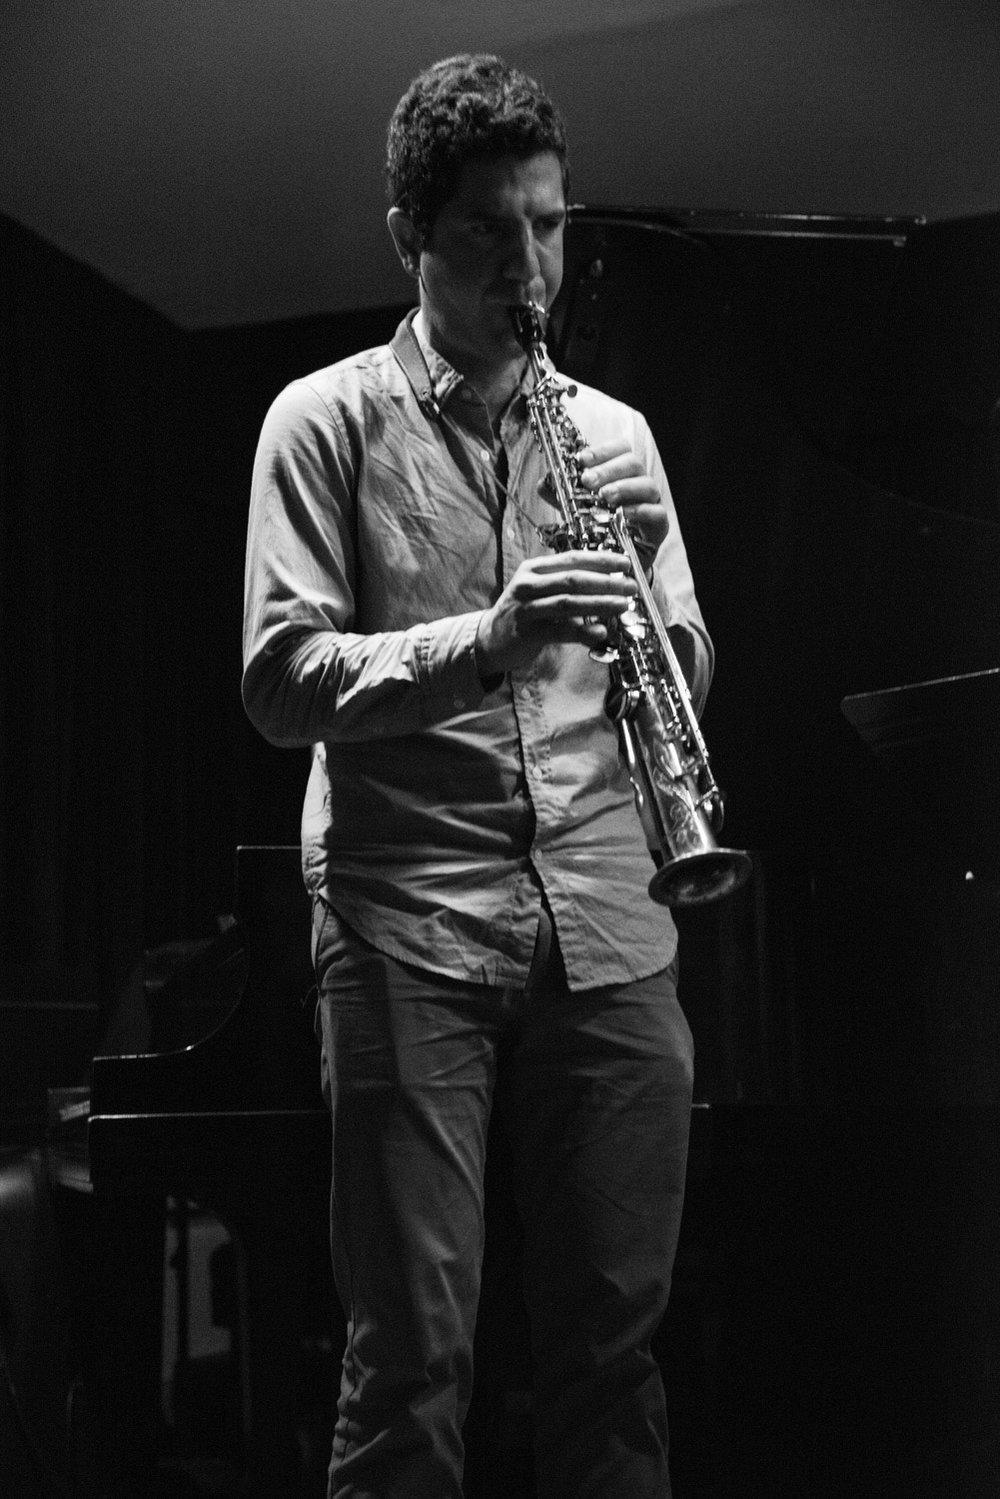 Dan Blake, 2017